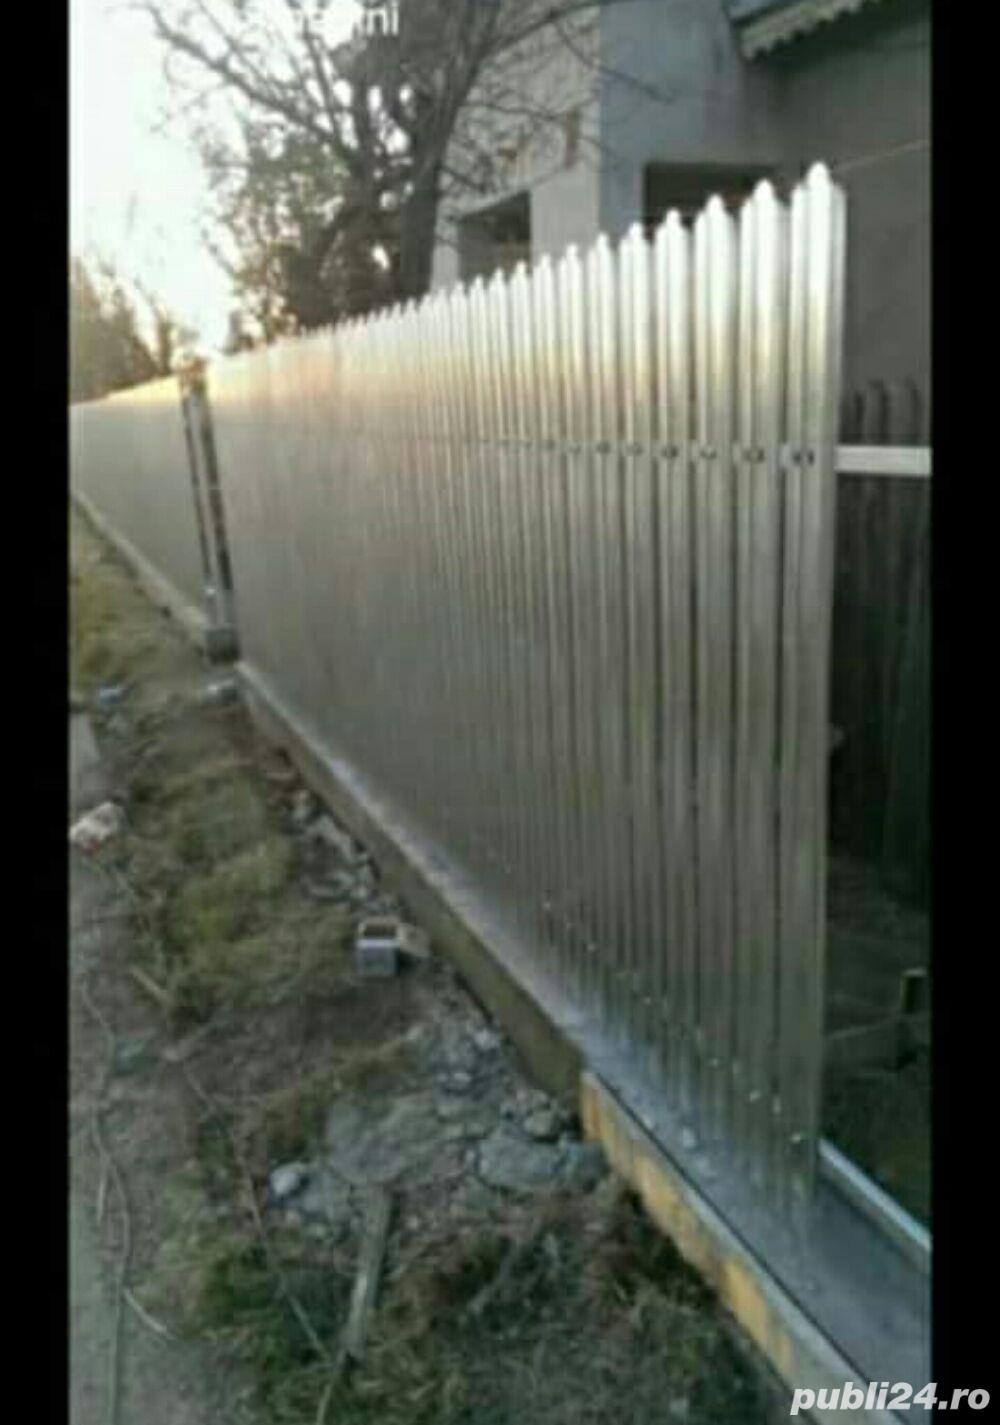 Facem Garduri diferite modeluri (din palsa bordurata sau din placi de beton si sipca detali vs